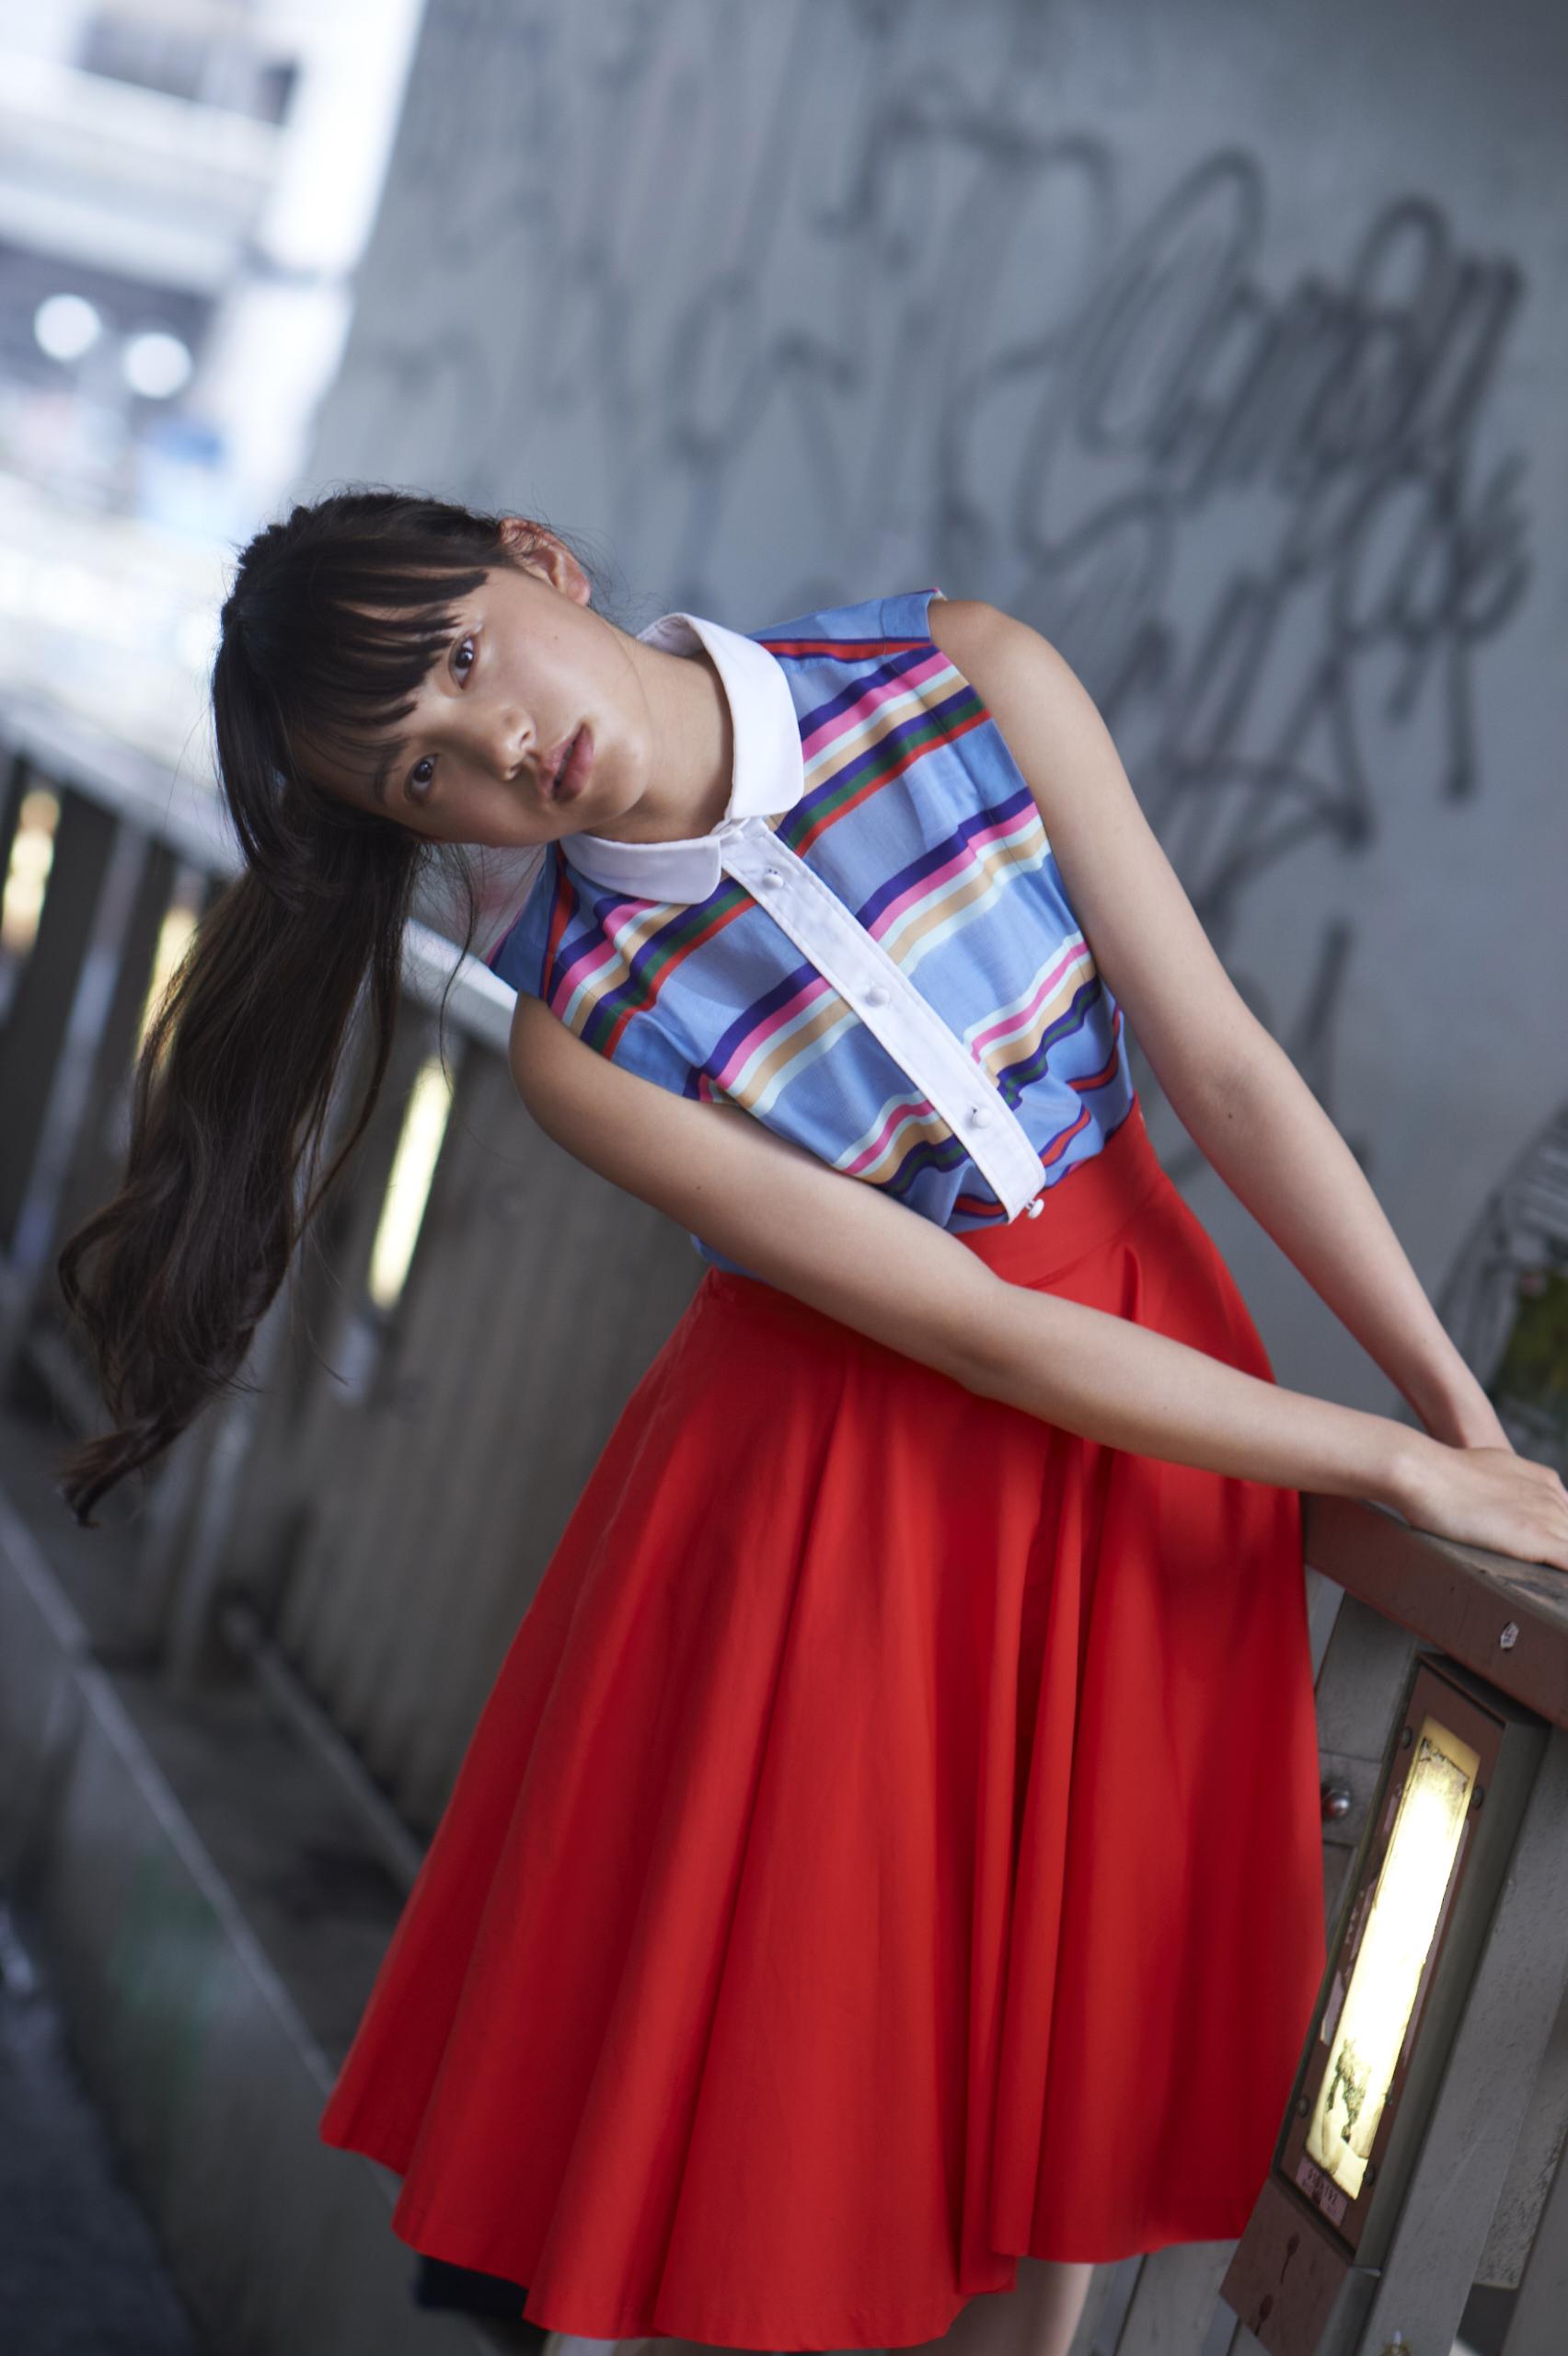 160823_kiyoharakaya2_gravure_toukou